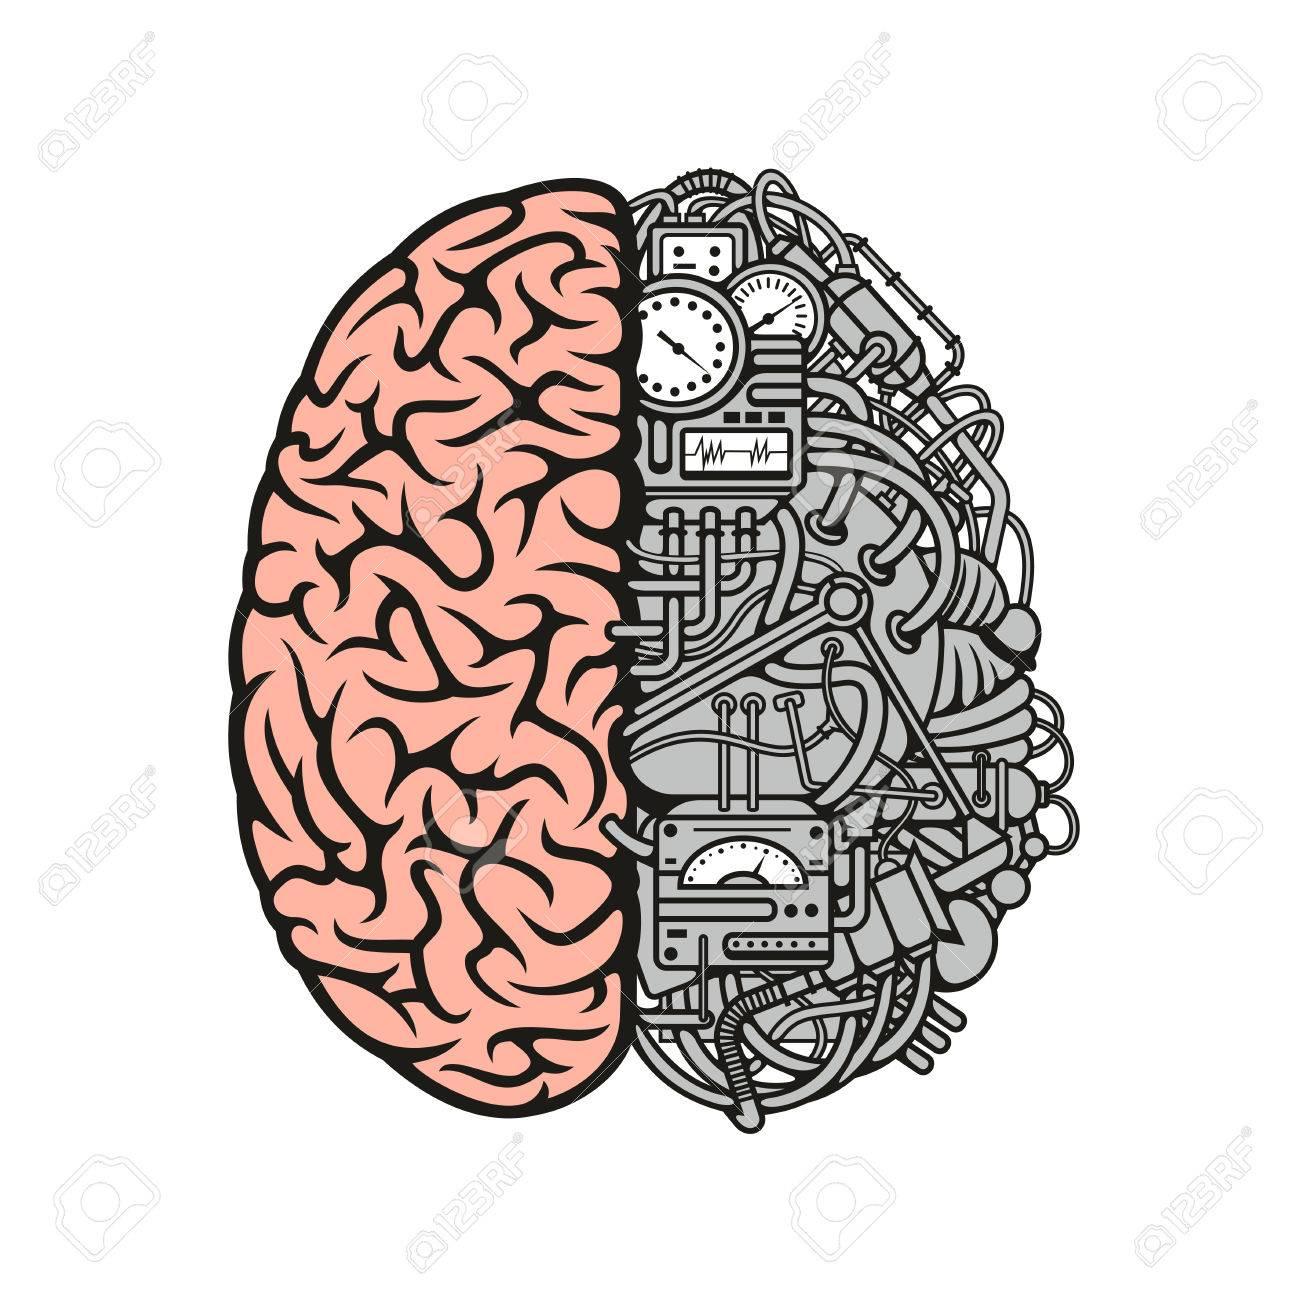 Símbolo De La Maquinaria Cerebral Dibujos Animados Con El Hemisferio ...